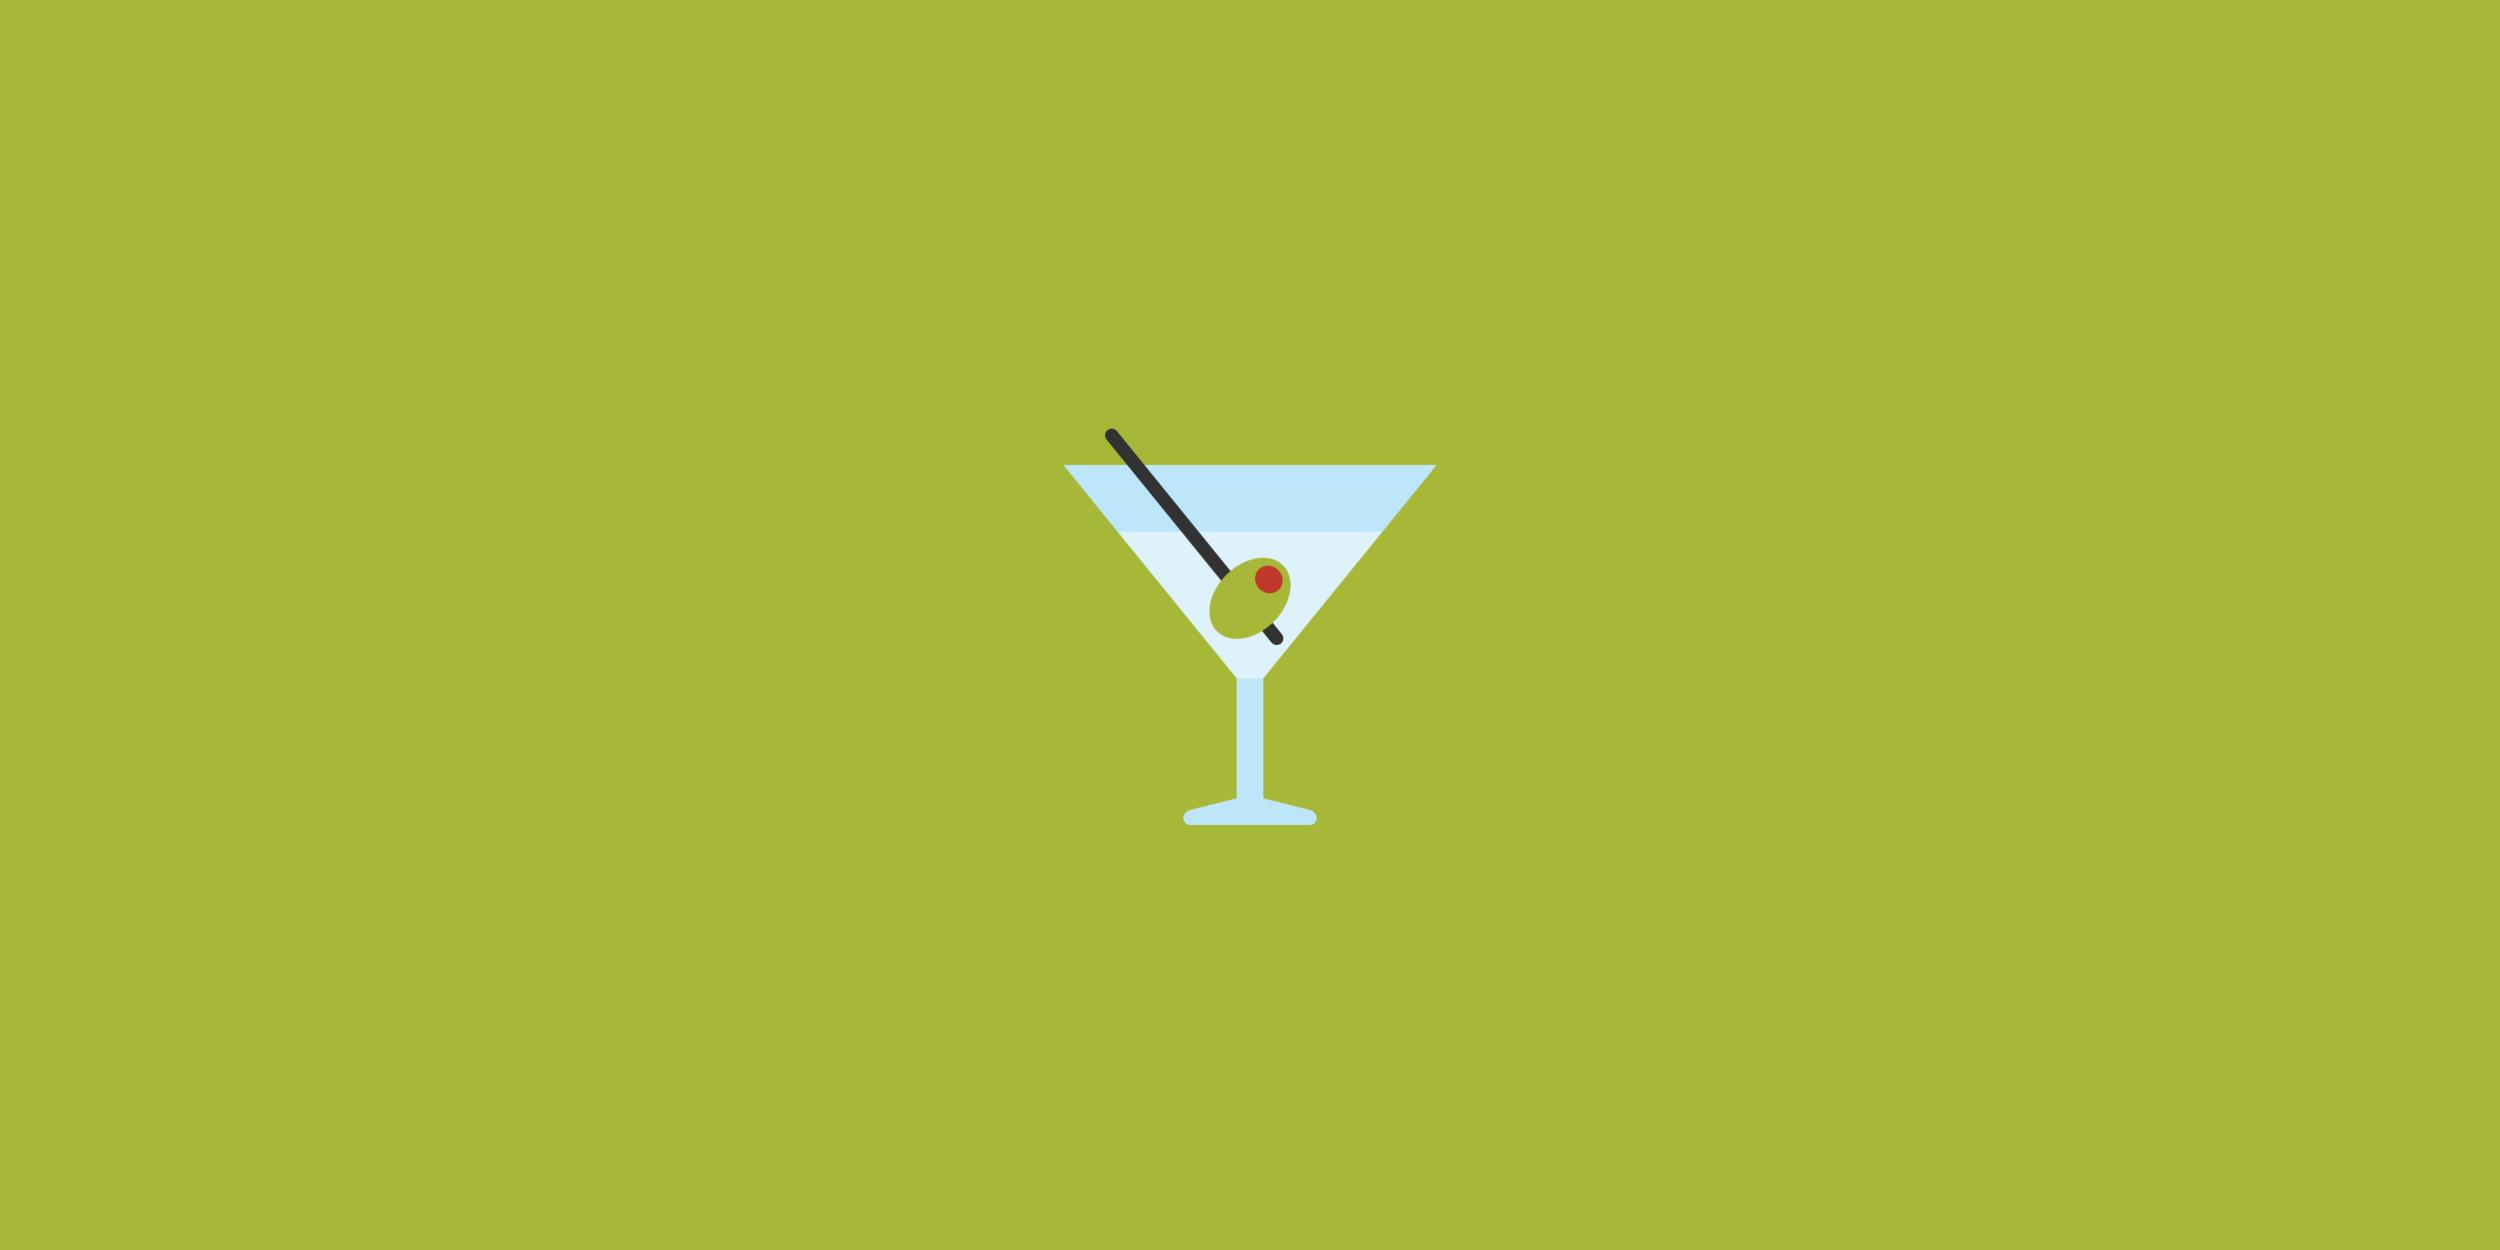 052-Martini